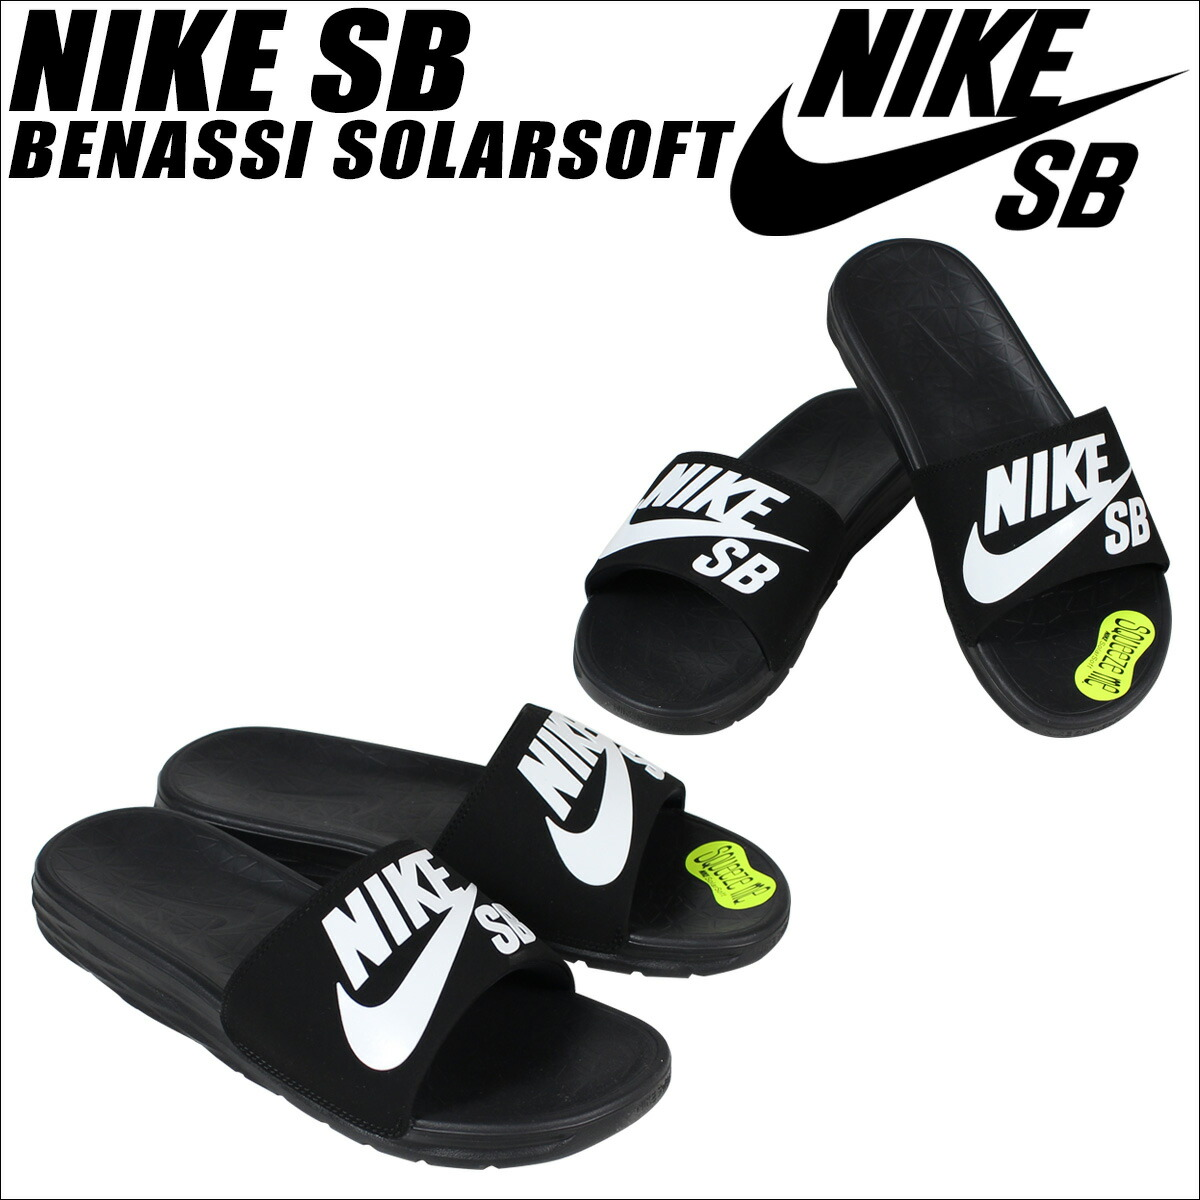 sb shoe website